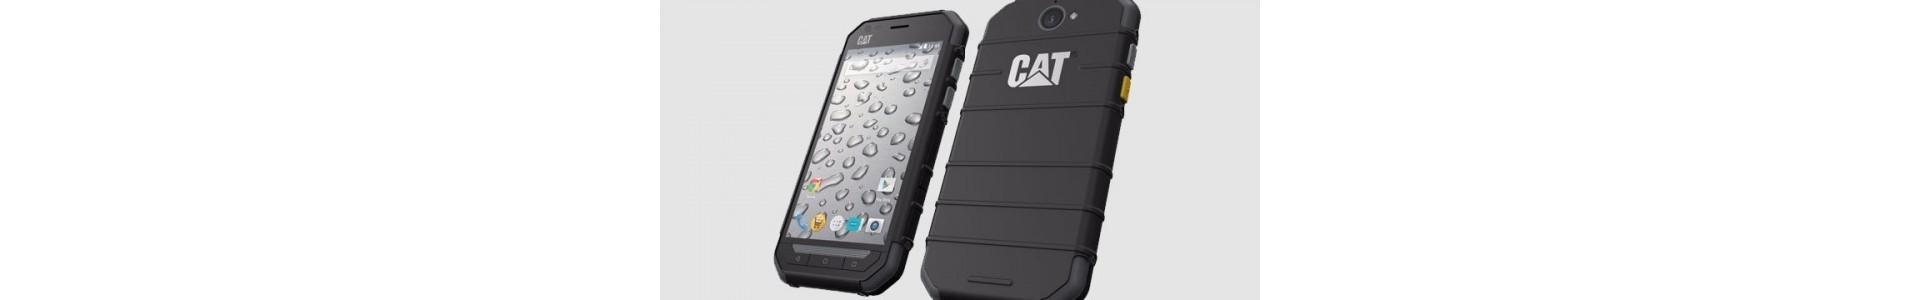 Smartphones CAT